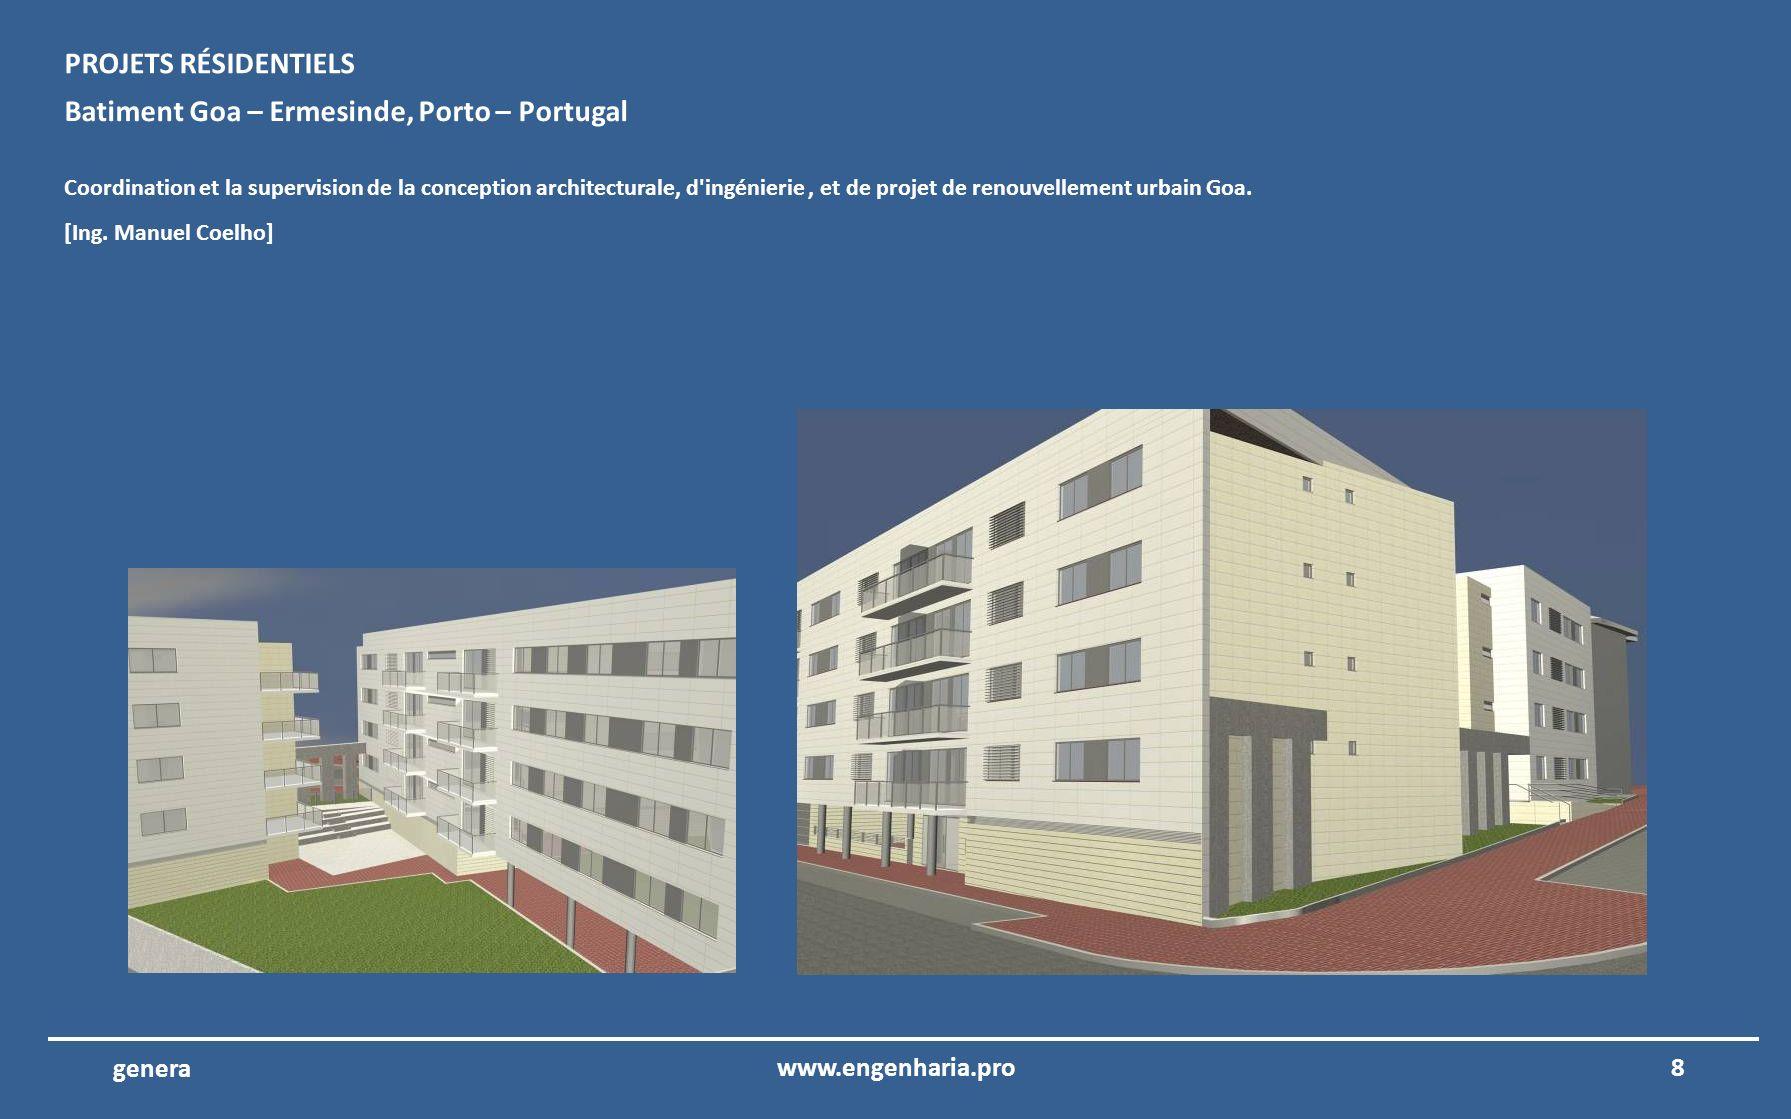 Nous présentons ensuite le portfeuille des projets de ingénierie de la société Genera 7www.engenharia.pro genera